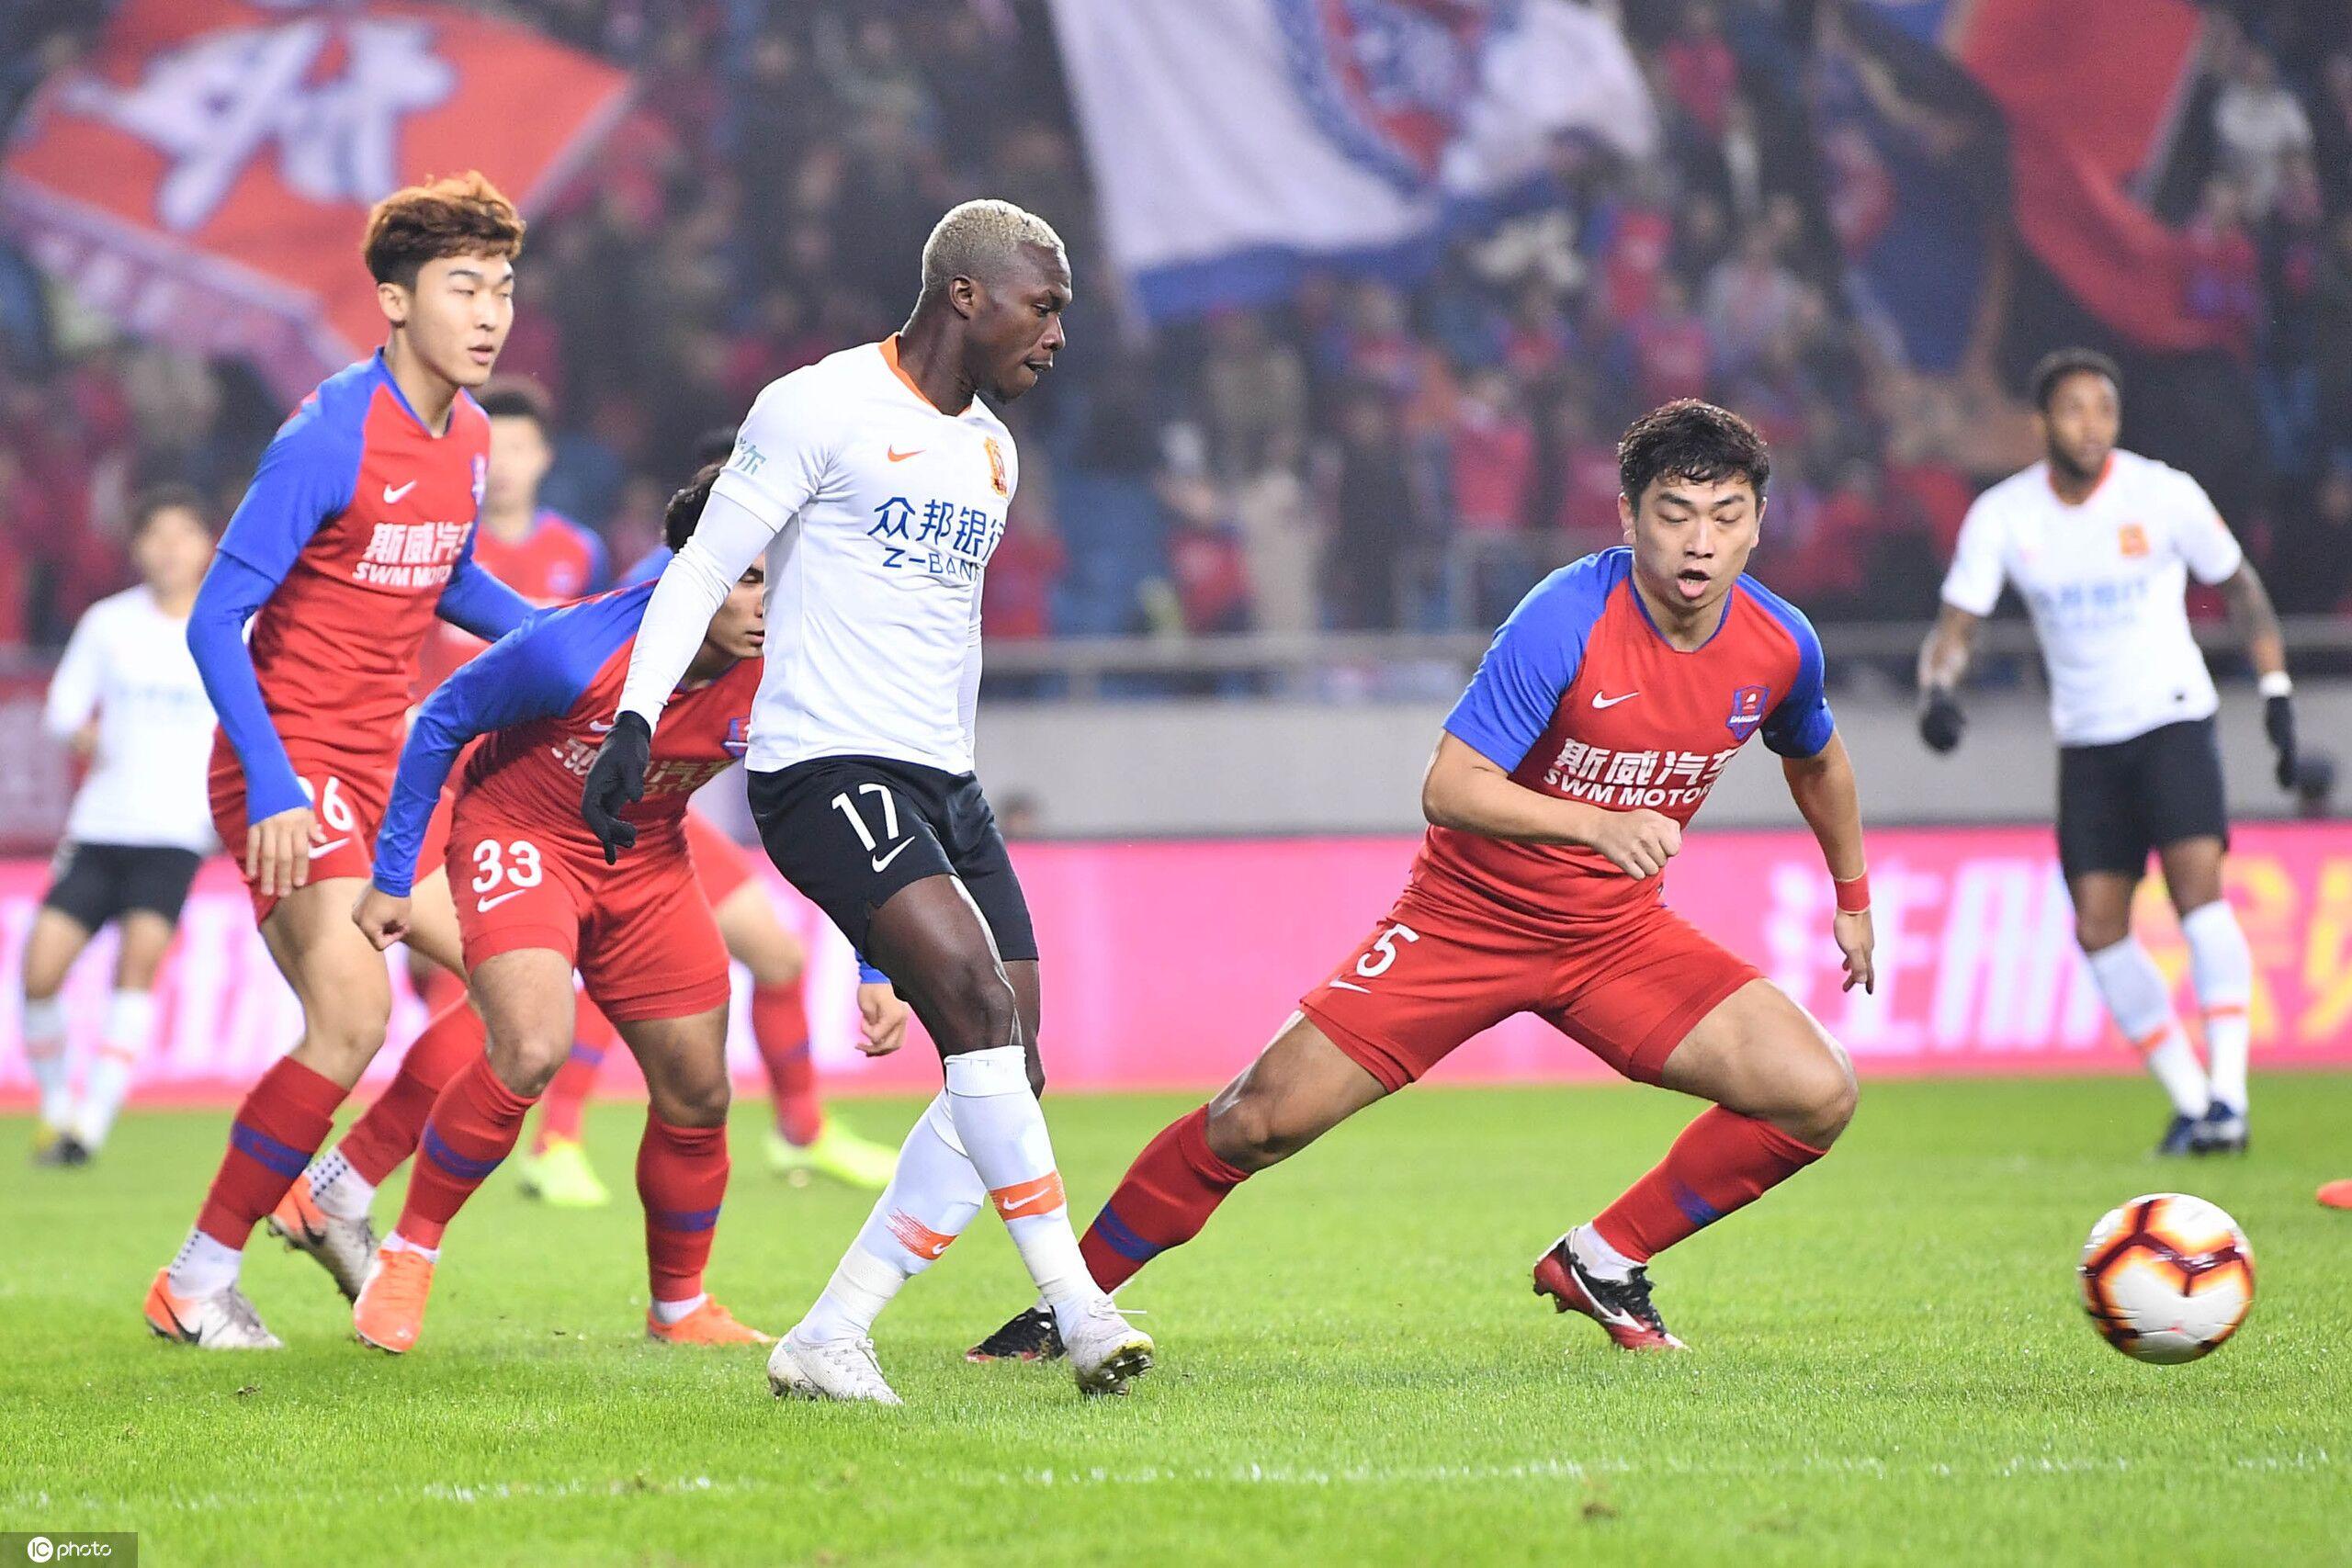 杨帅送点拉斐尔点射卓尔点球被吹,重庆0-1卓尔